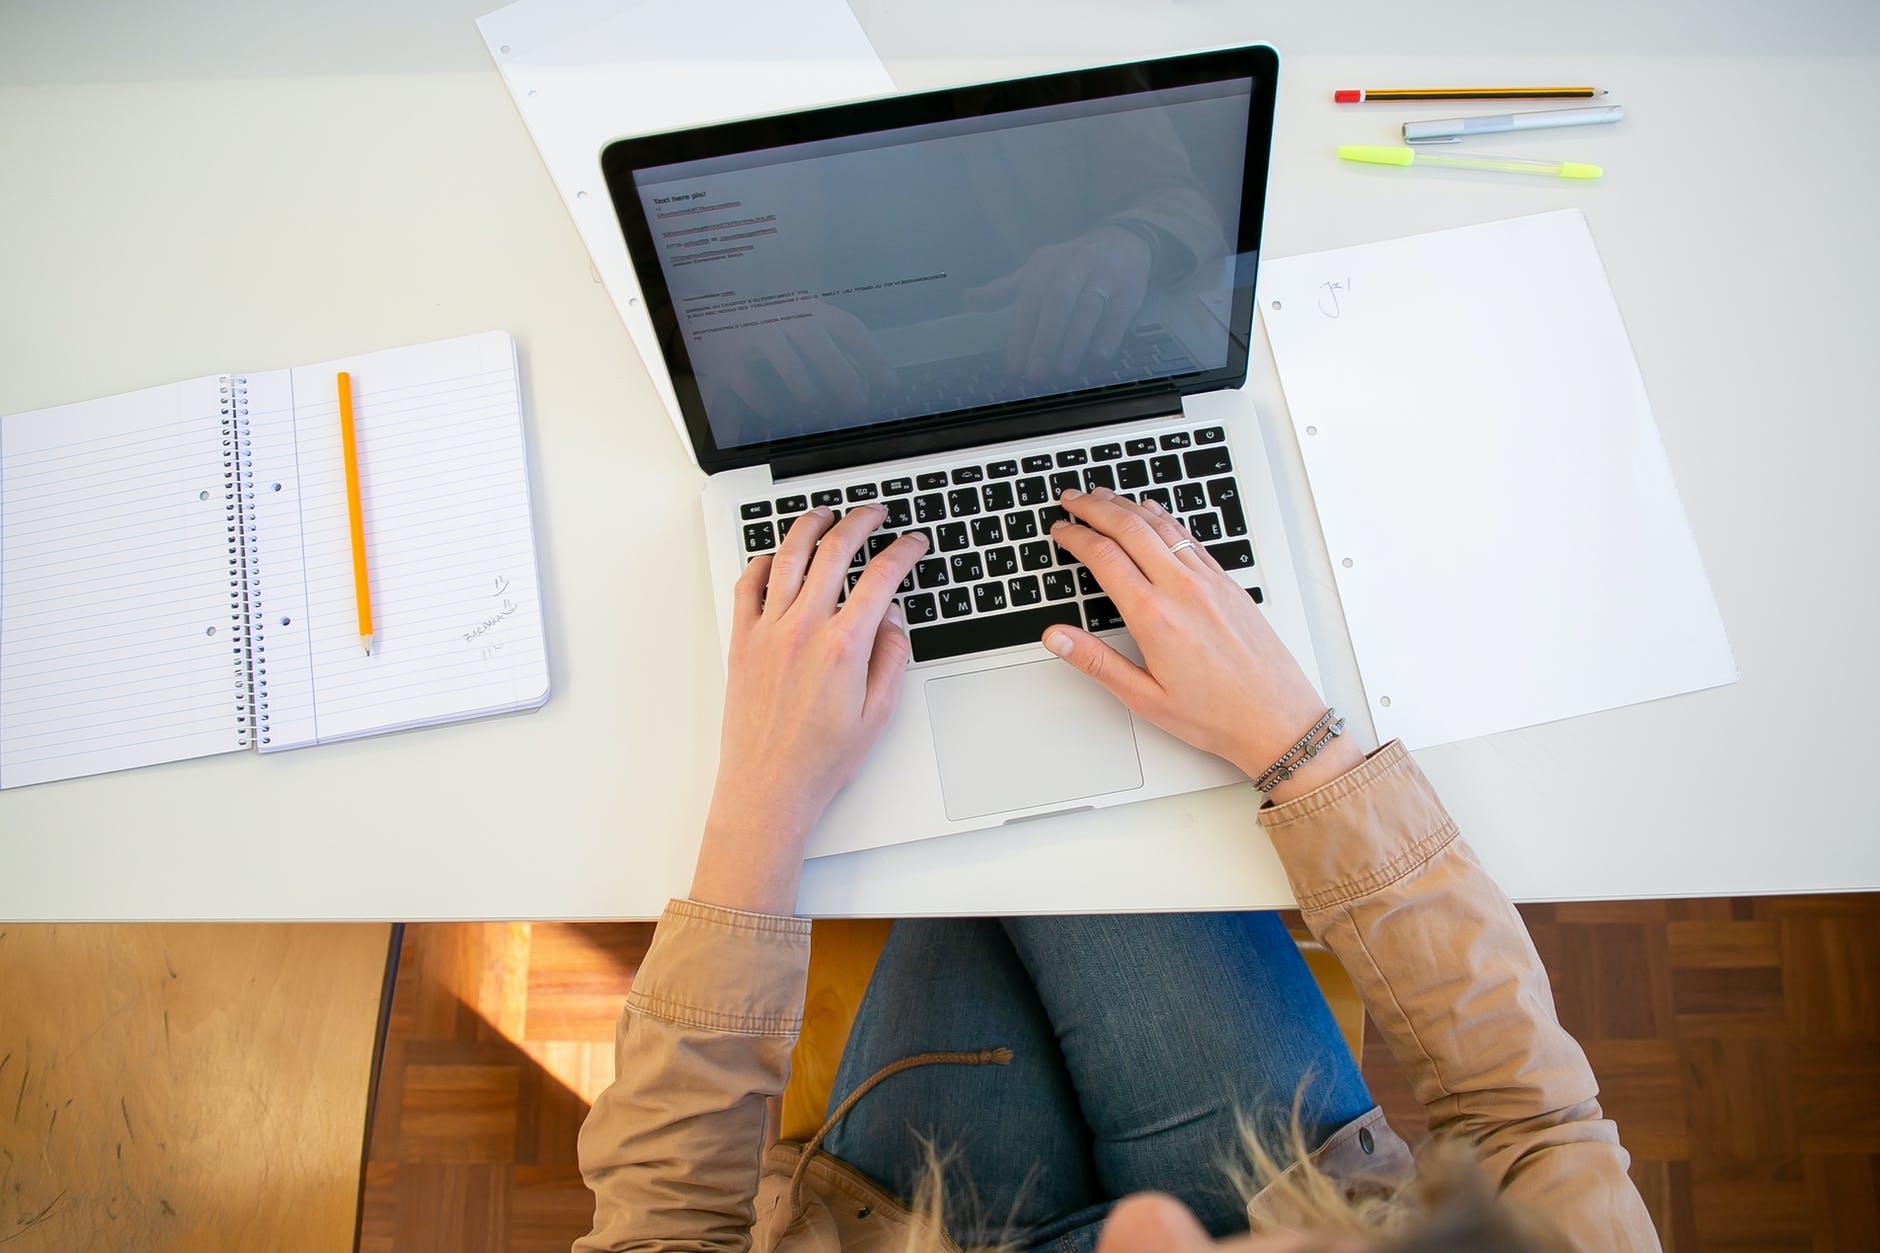 Learn Digital Marketing at BizHack Academy